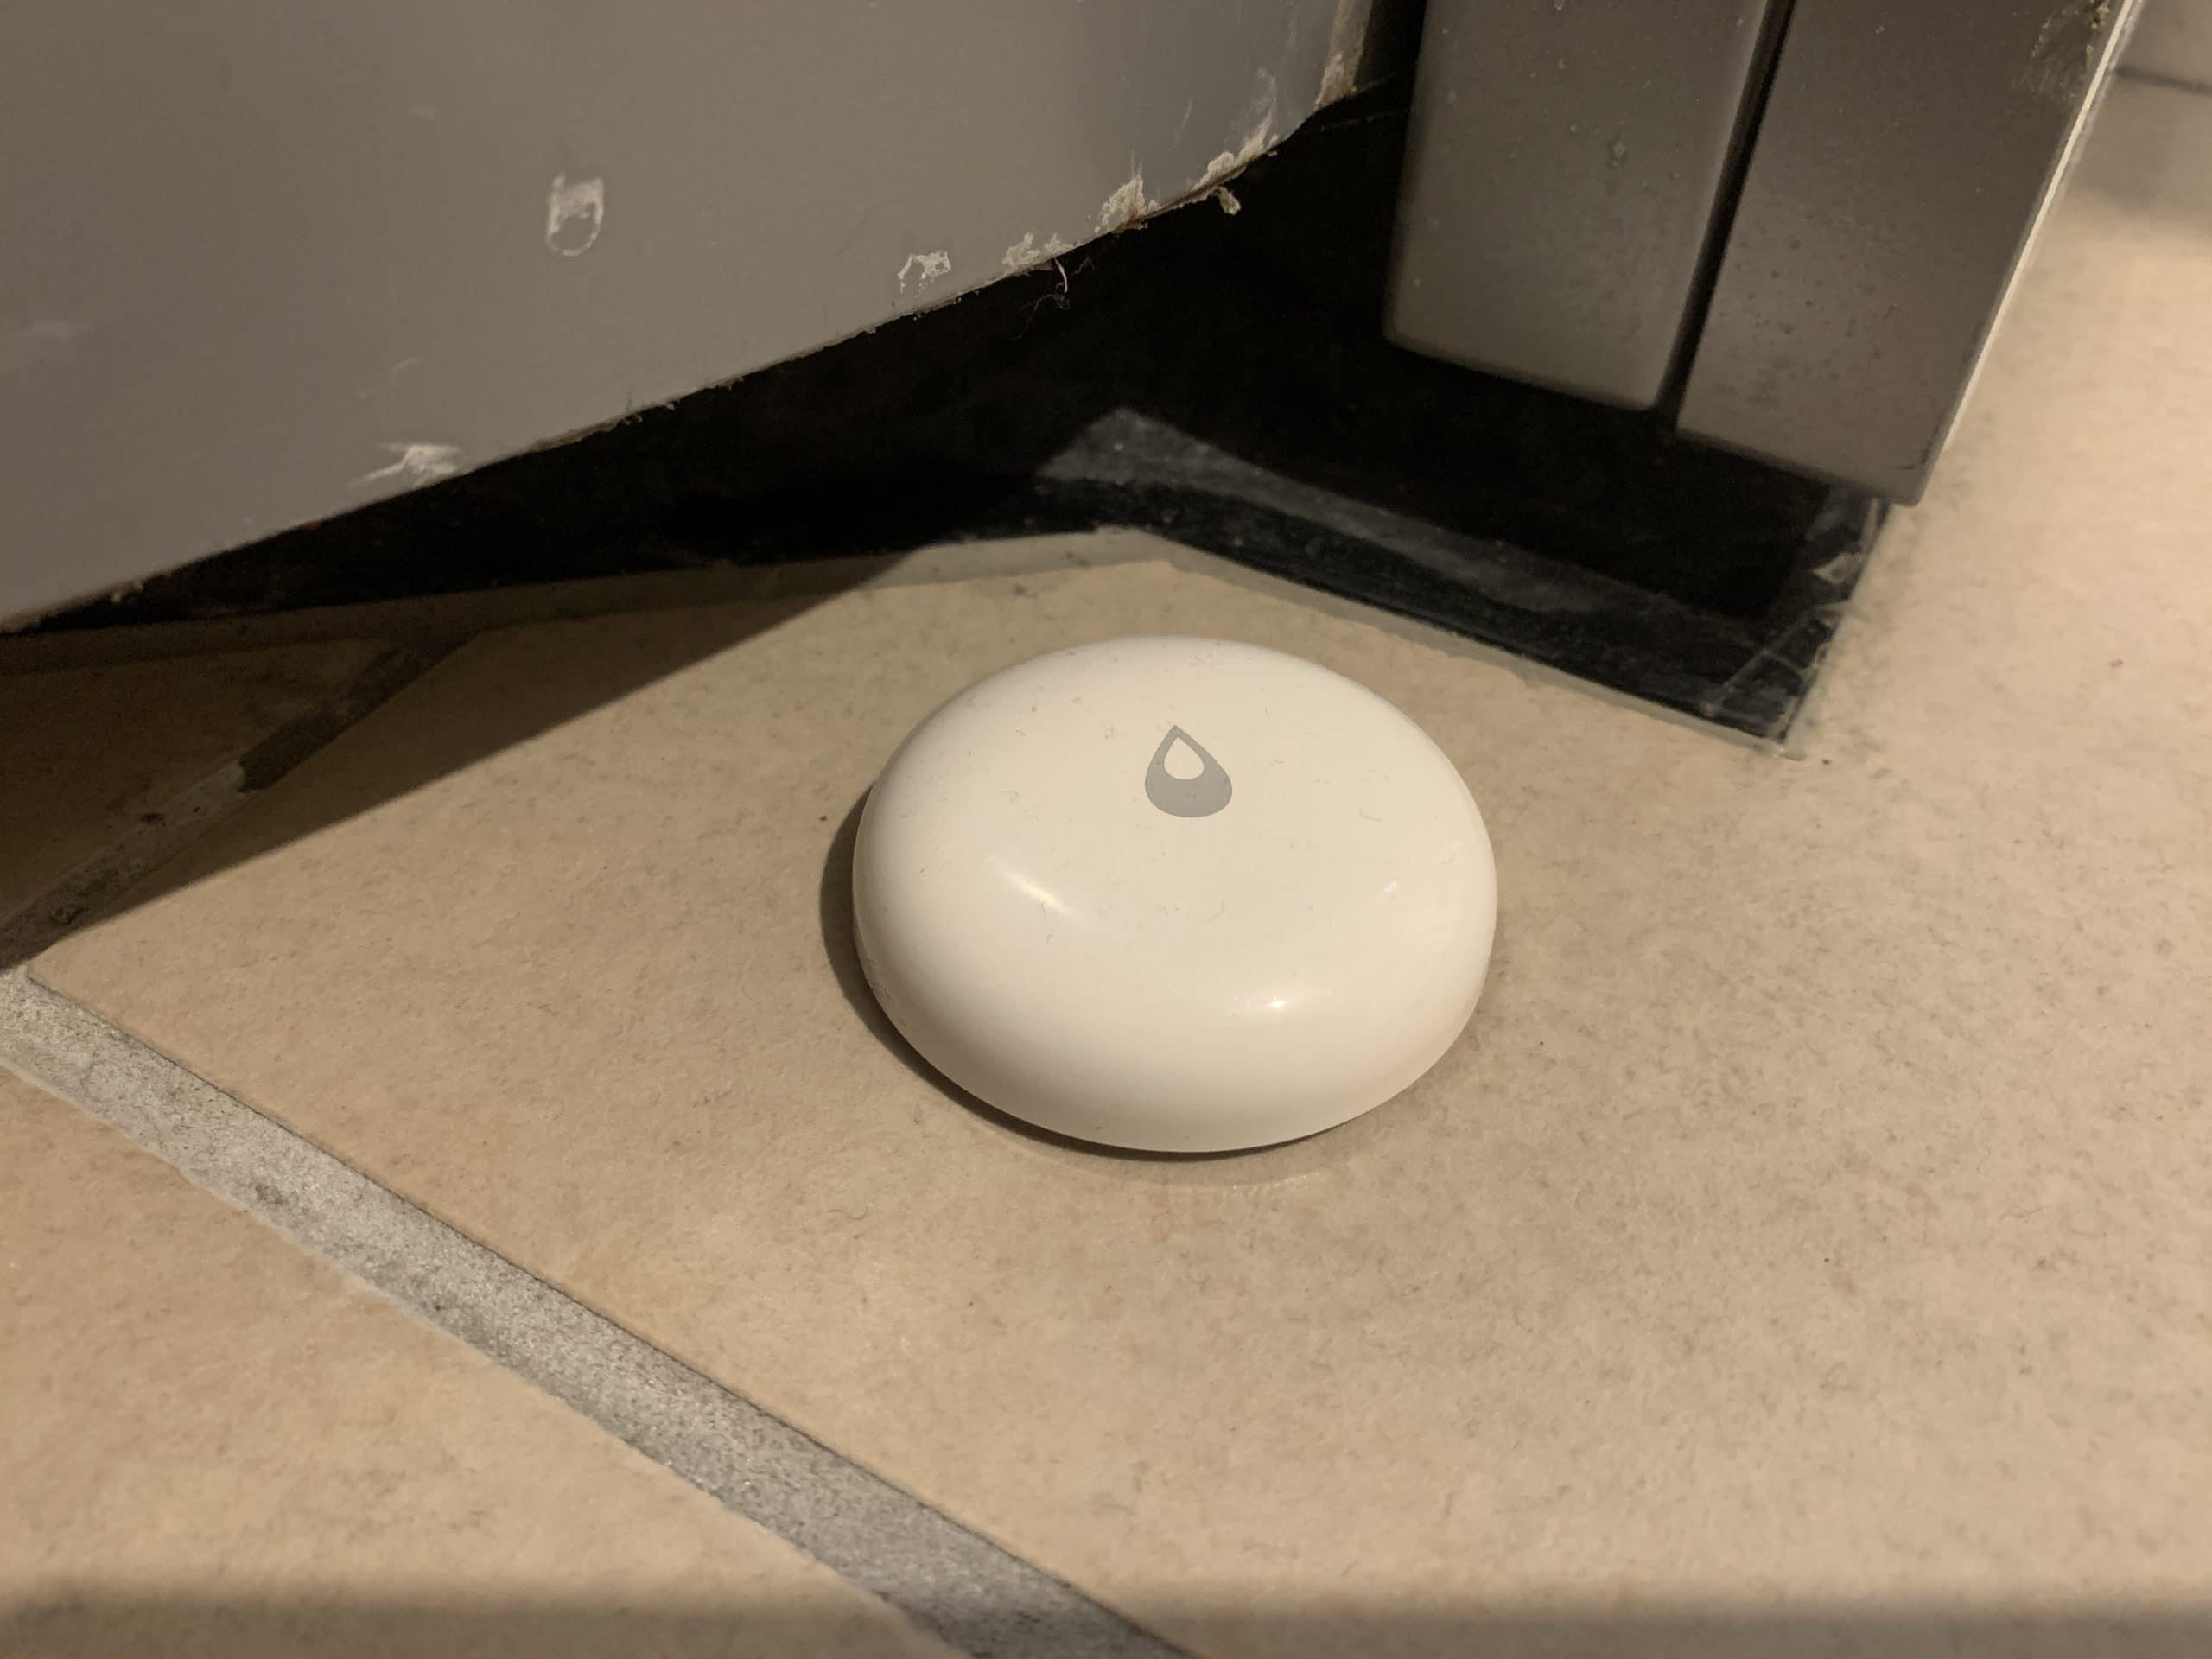 Xioami Aqara Water Leak Sensor für Wasser Alarm